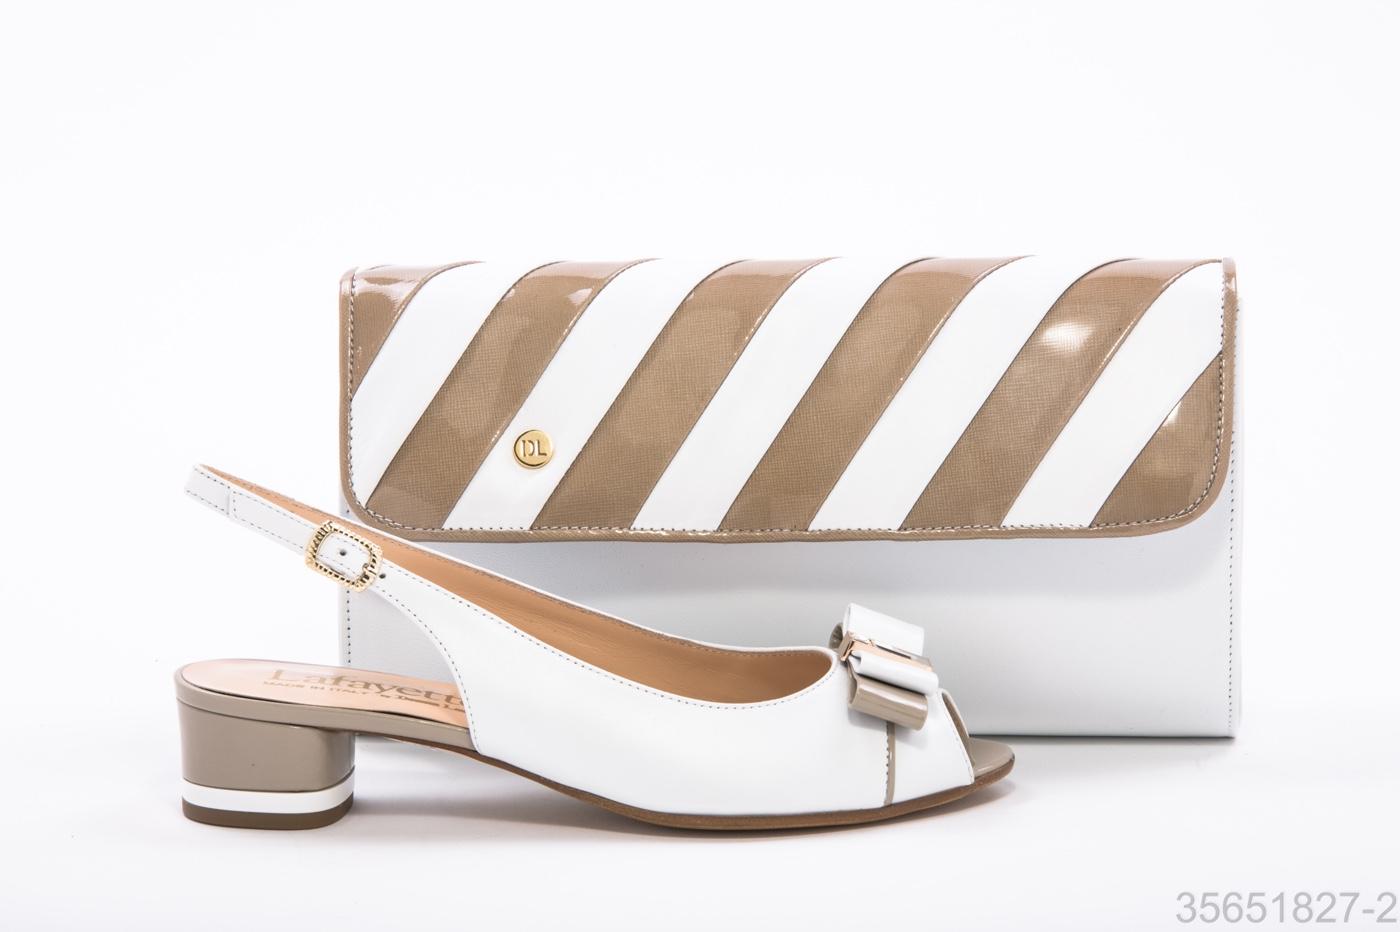 Основные тенденции итальянской моды.Обувь – весна-лето 2016.